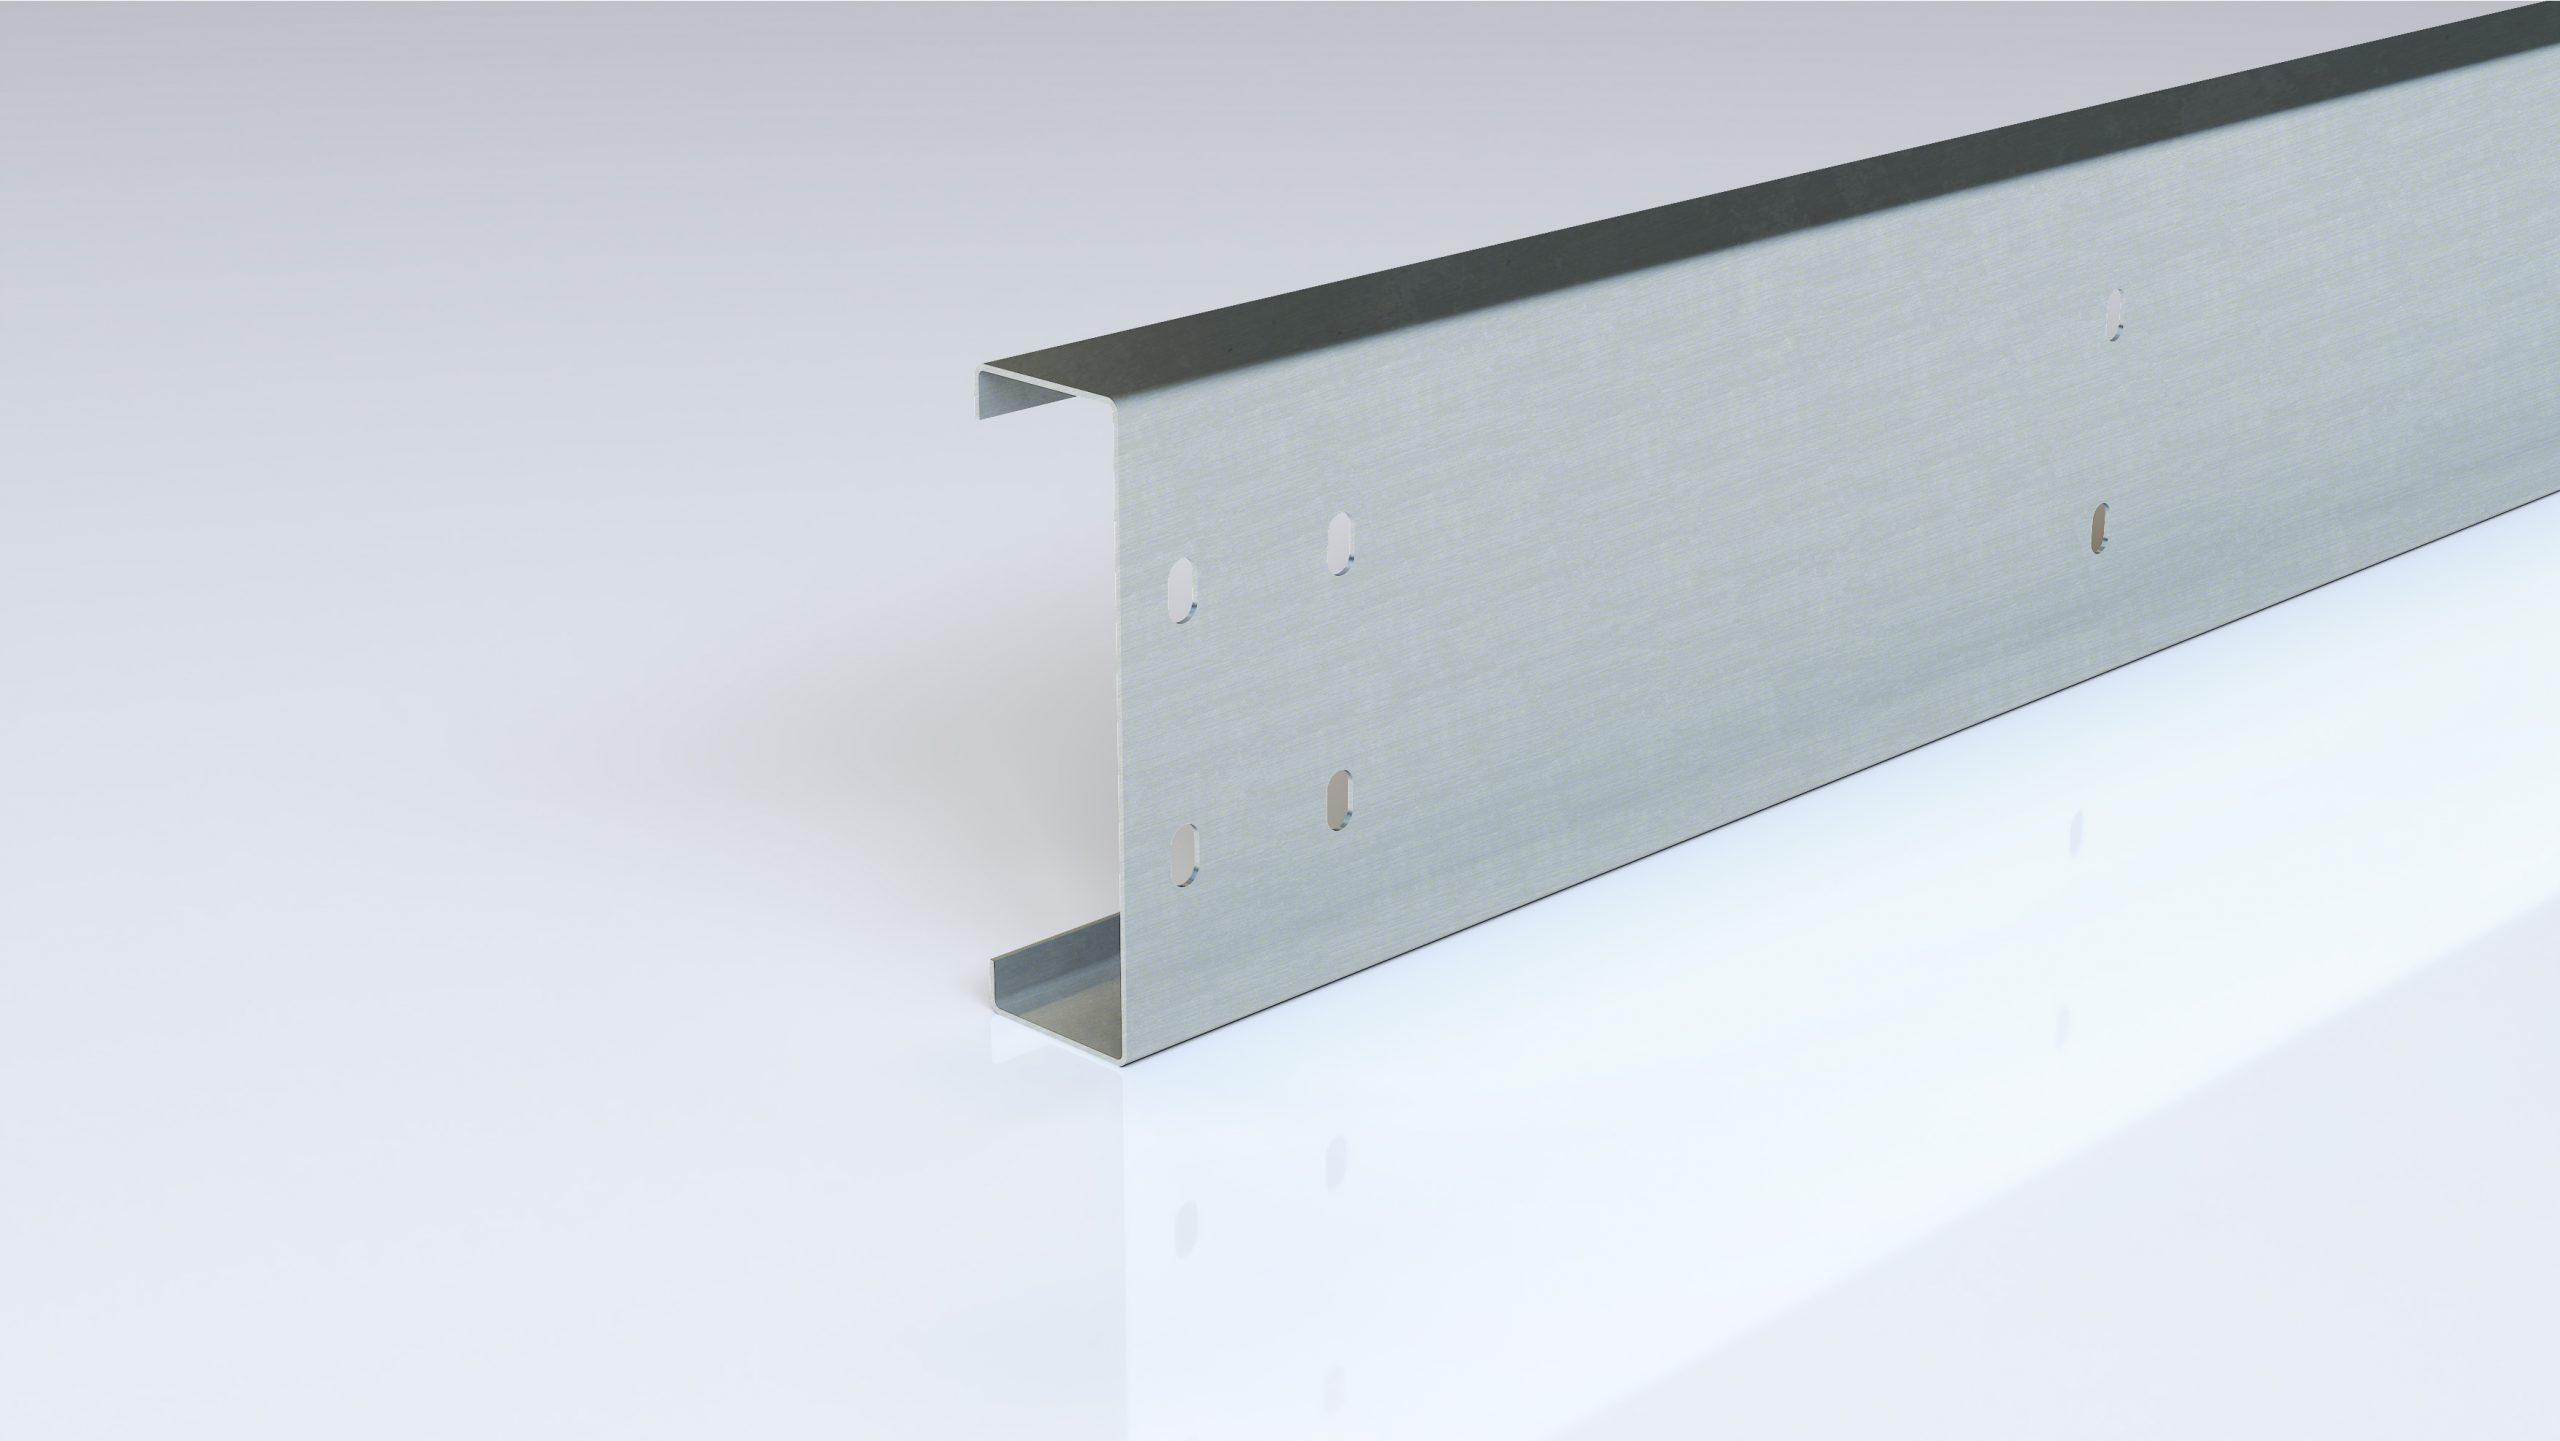 Foto de perfil de acero conformado en frío zebra U